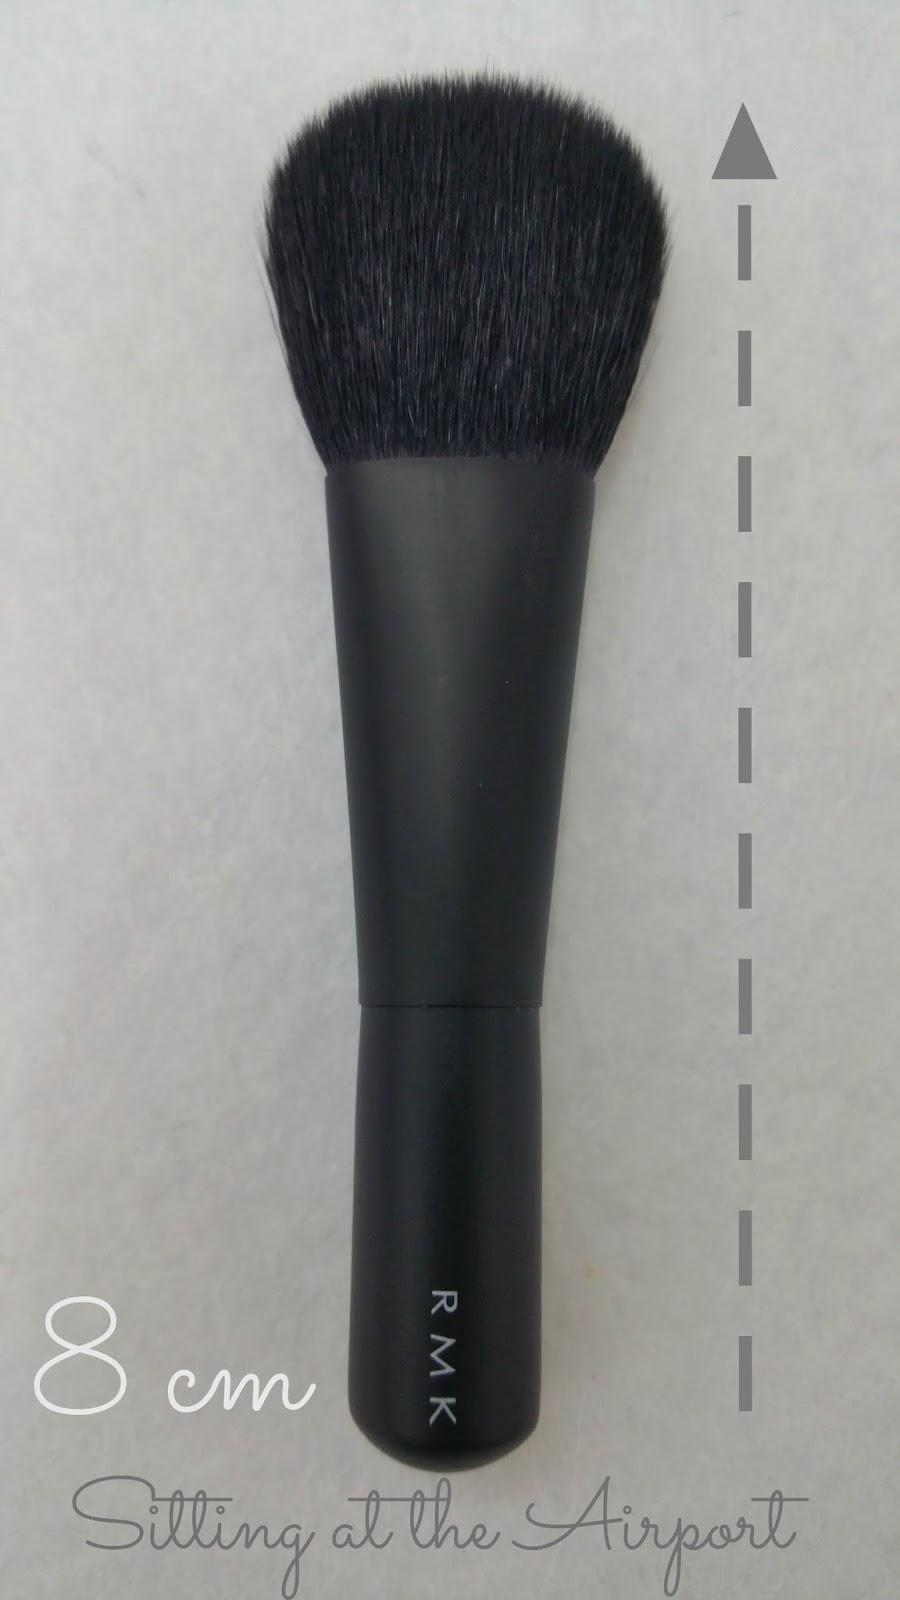 Este es el Set de maquillaje indispensable´ ja ja ja ( según el fabricante )  ,,,  mini set portátil , compuesto por pincel  de mejillas , pincel de sombra de ojos y  pincel de delineado de ojos. ( para mi falta el pincel de mezclar sombras,  para la cuenca  )   Precio : 2.300  yen  ( 18,24 euros ) es precio esta genial .